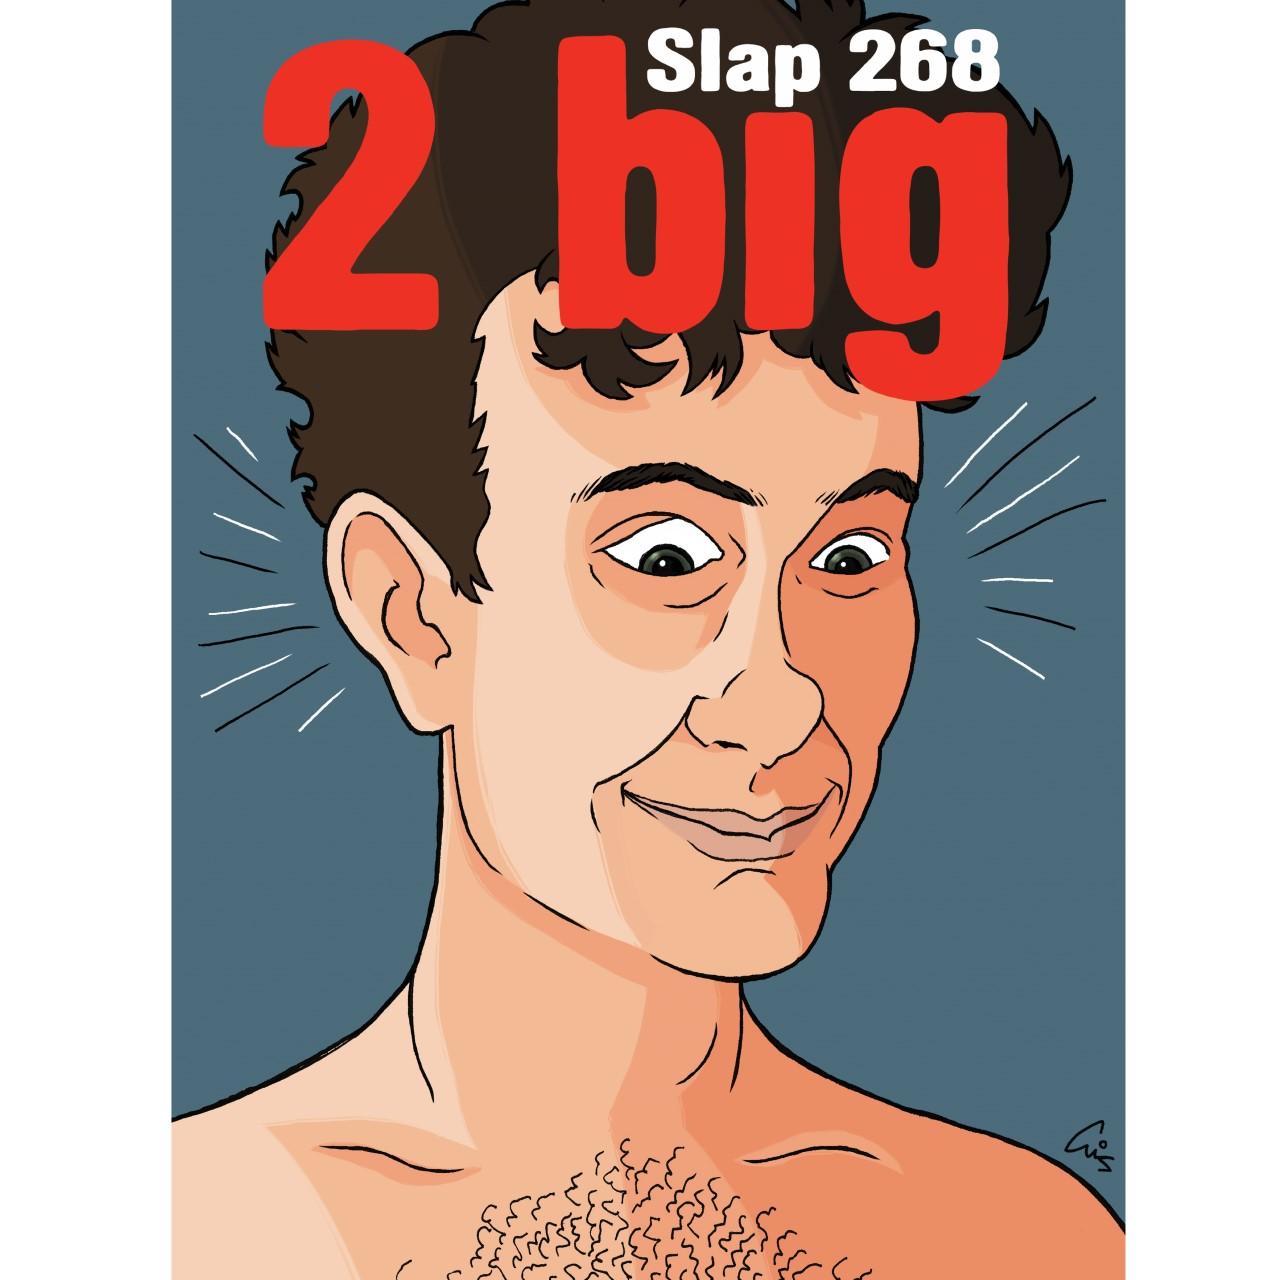 slap268.jpg